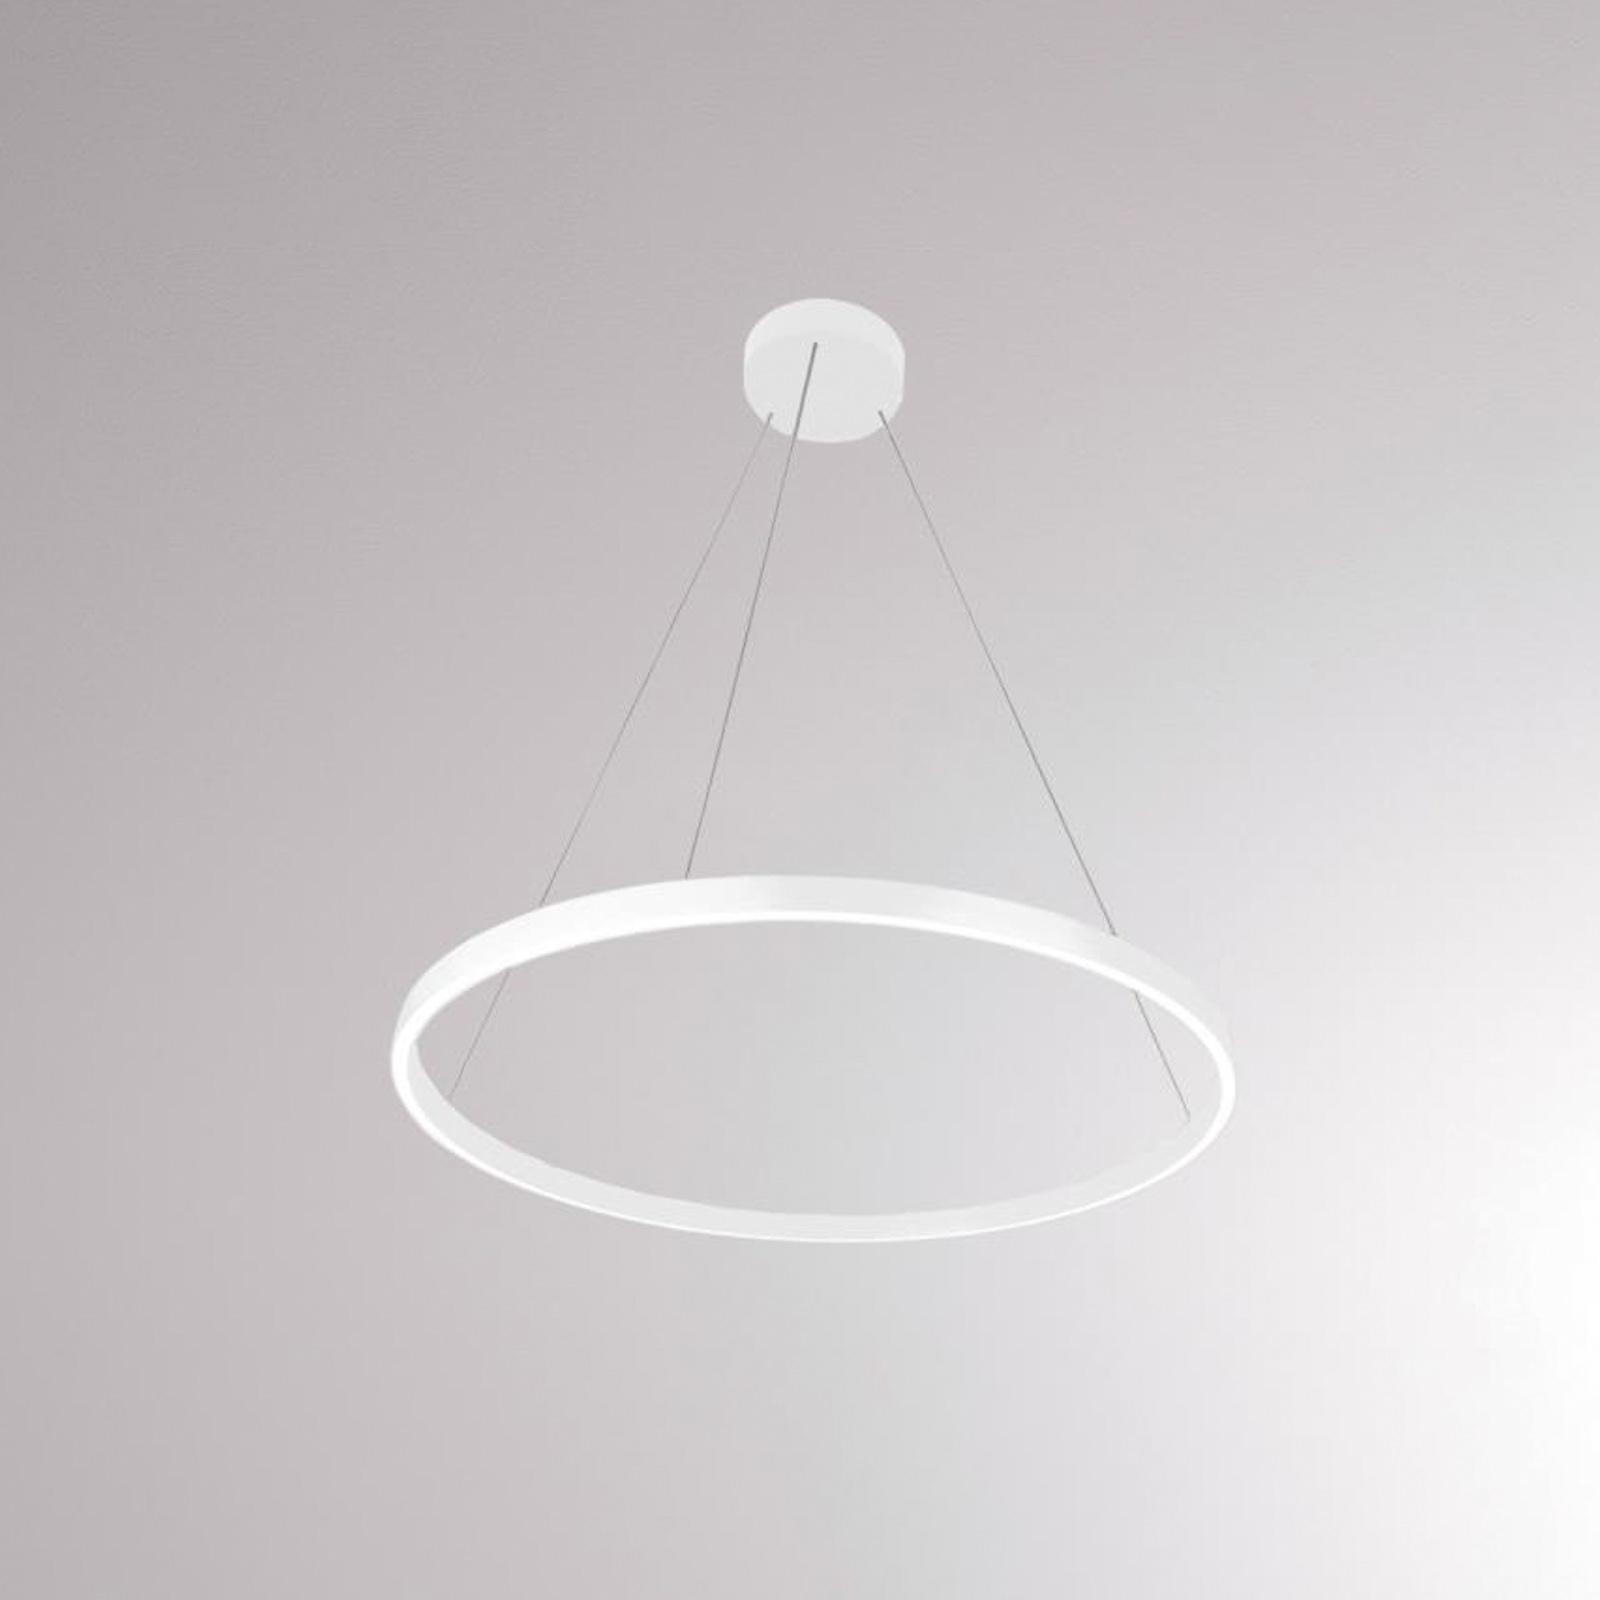 LOUM Perfora M LED-pendellampe, Ø 60 cm, hvid